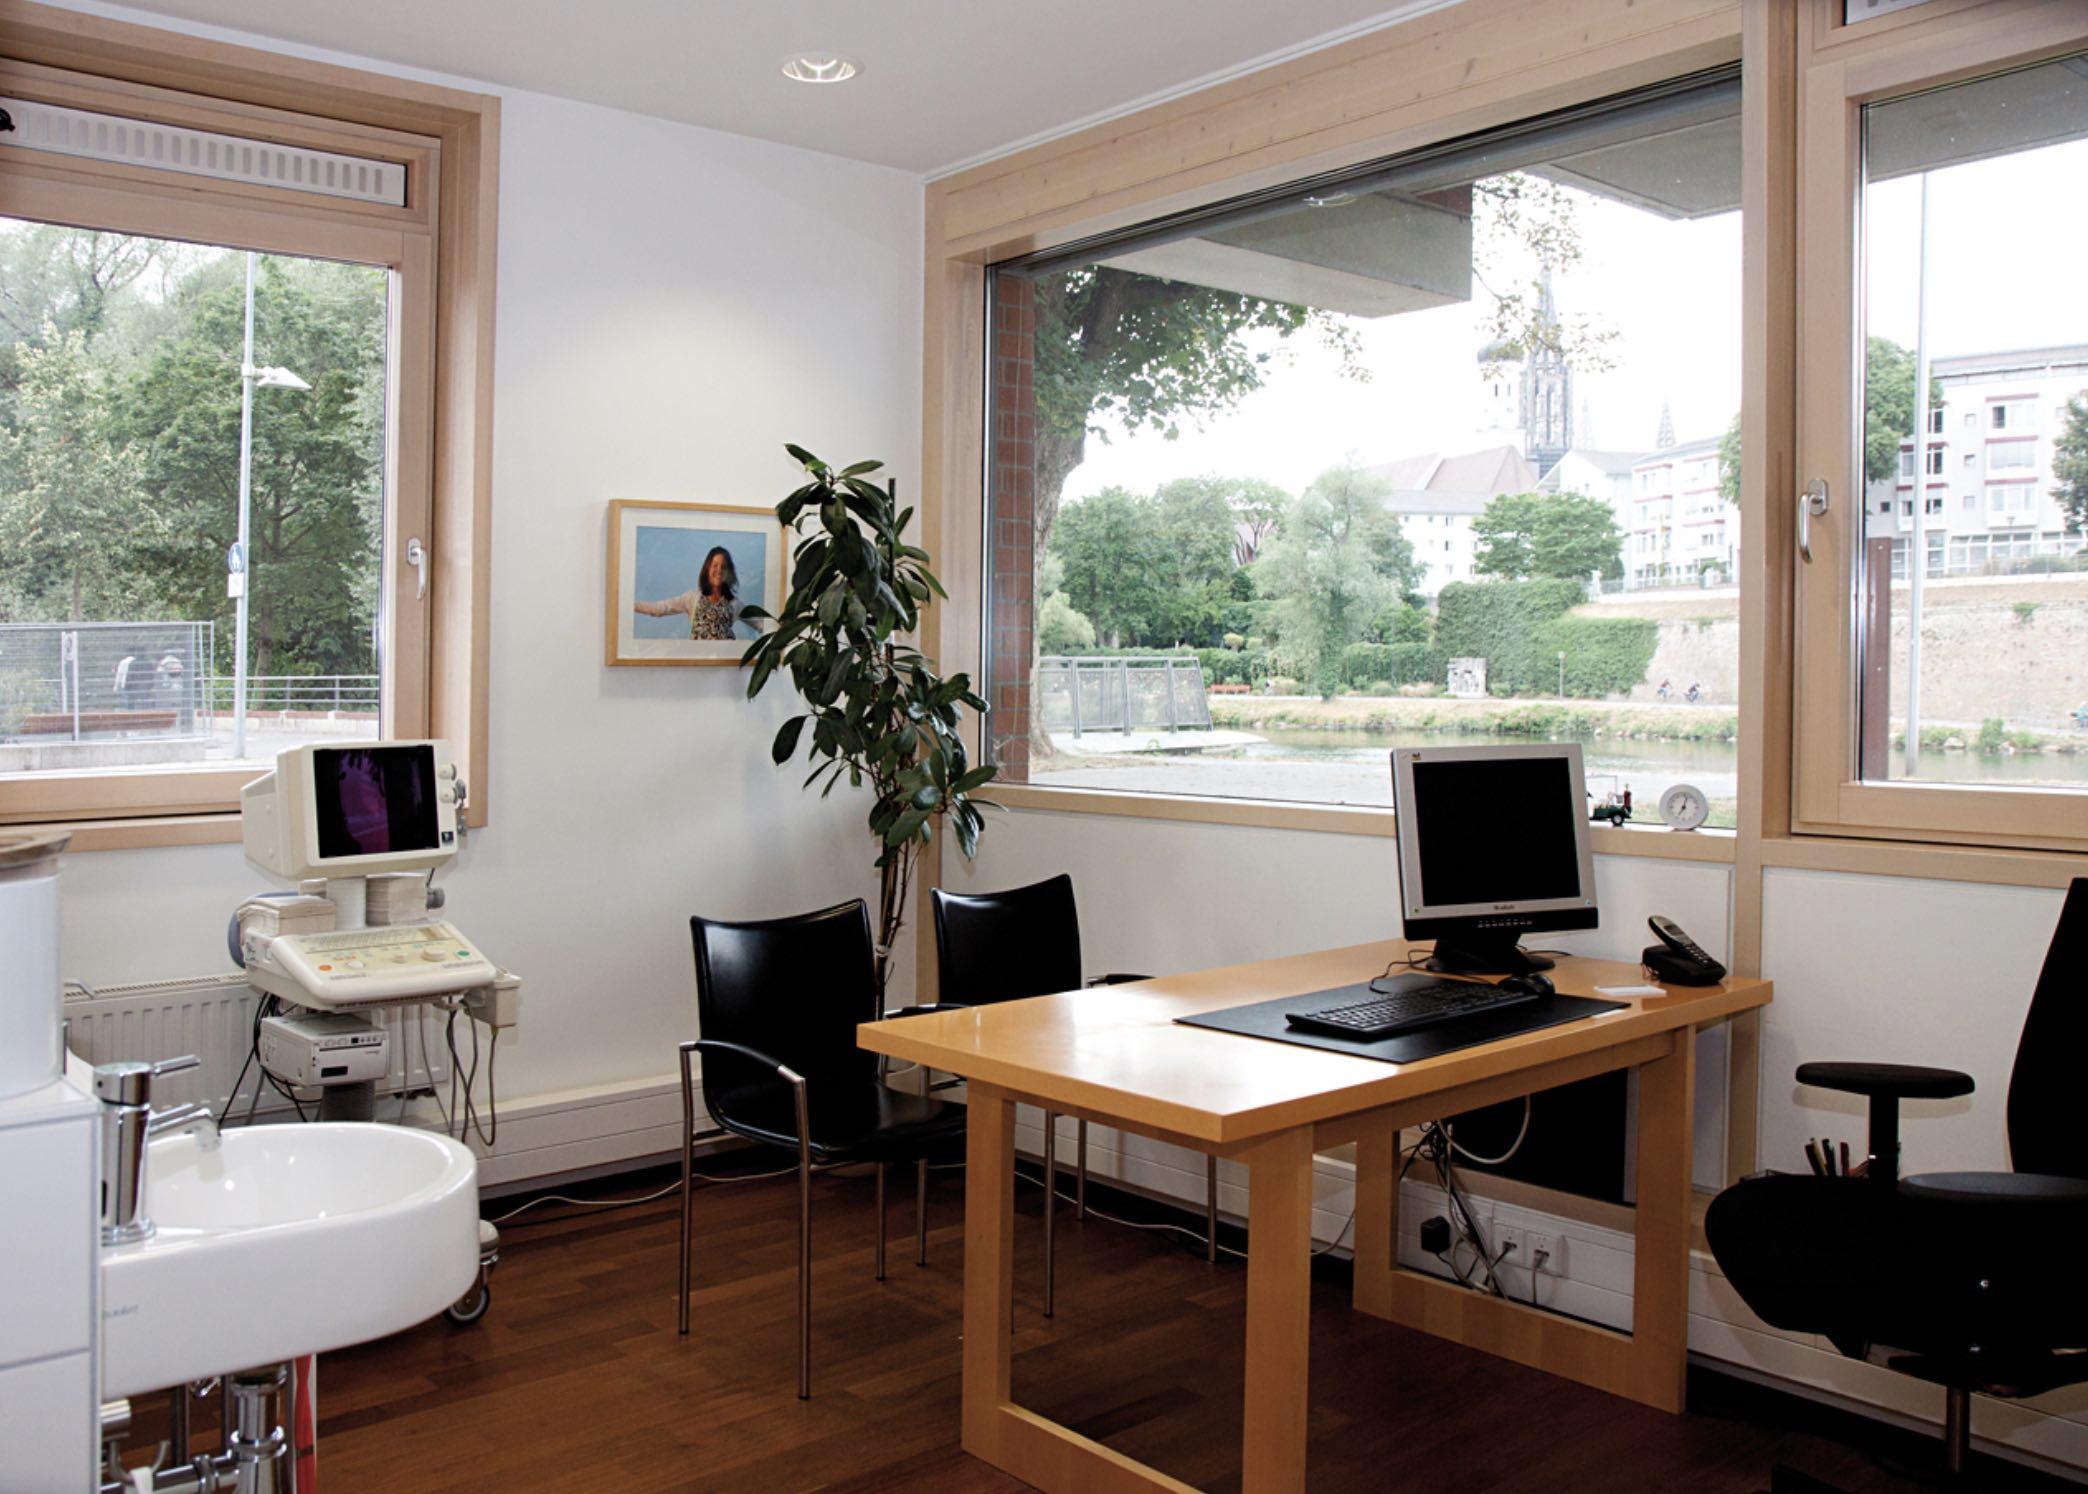 arztb rse allgemeine gesch ftsbedingungen agb. Black Bedroom Furniture Sets. Home Design Ideas